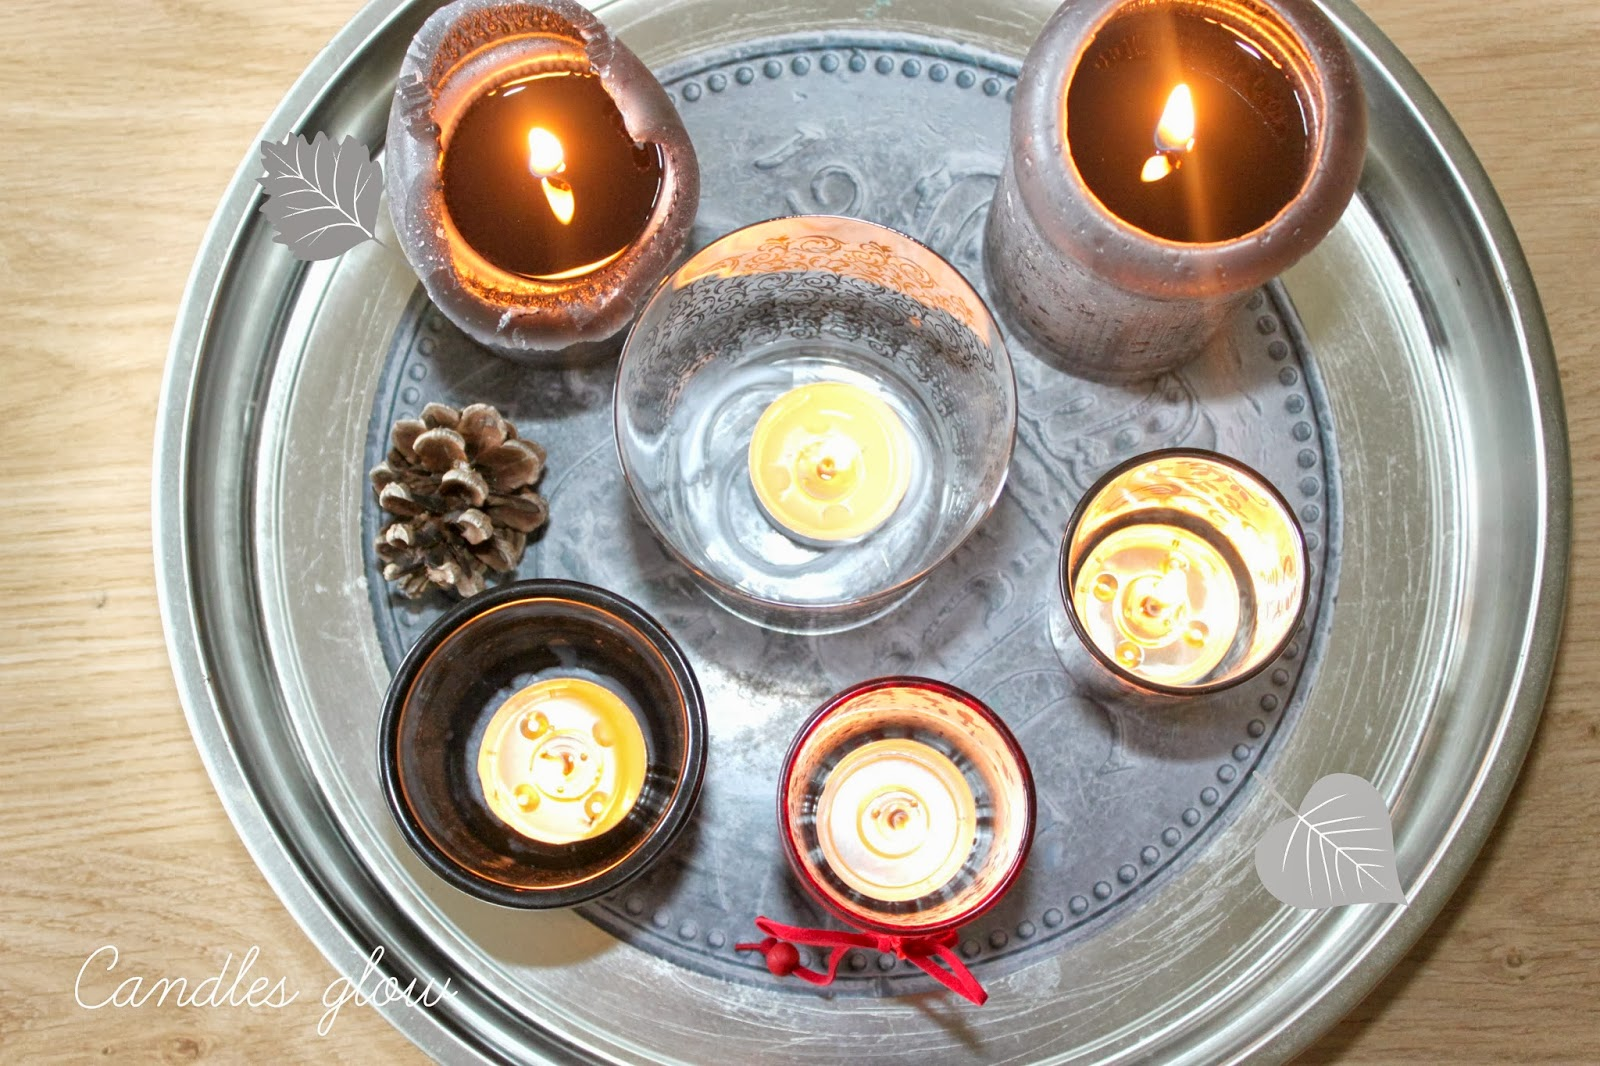 świeczki na tacy